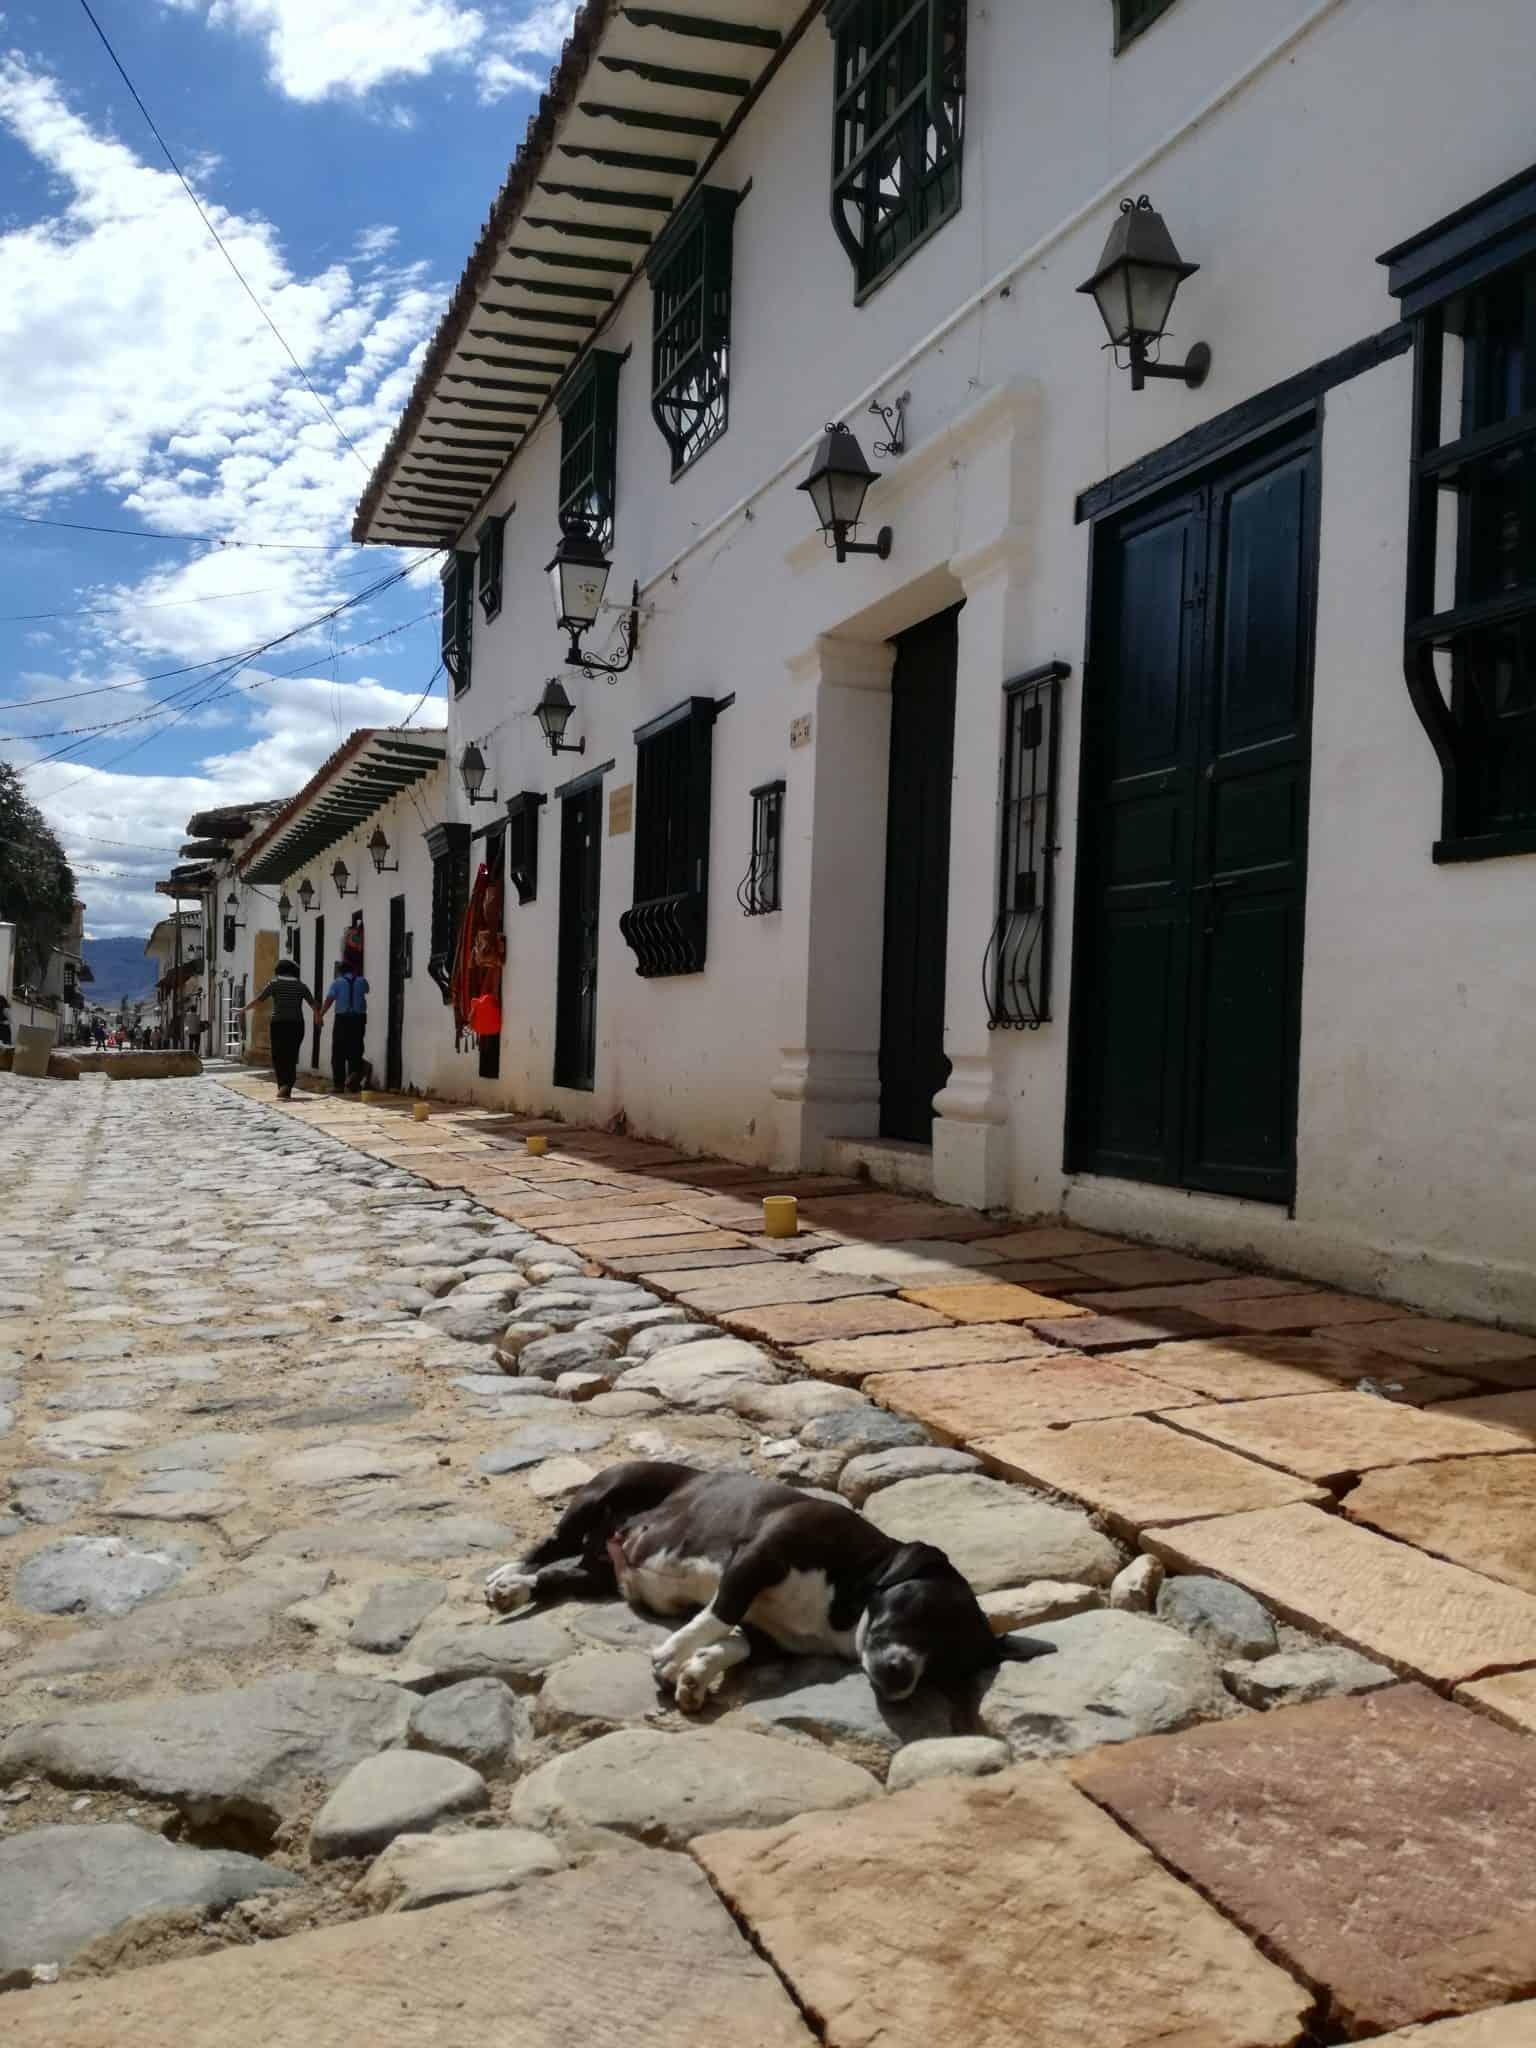 Street in Villa de Leyva